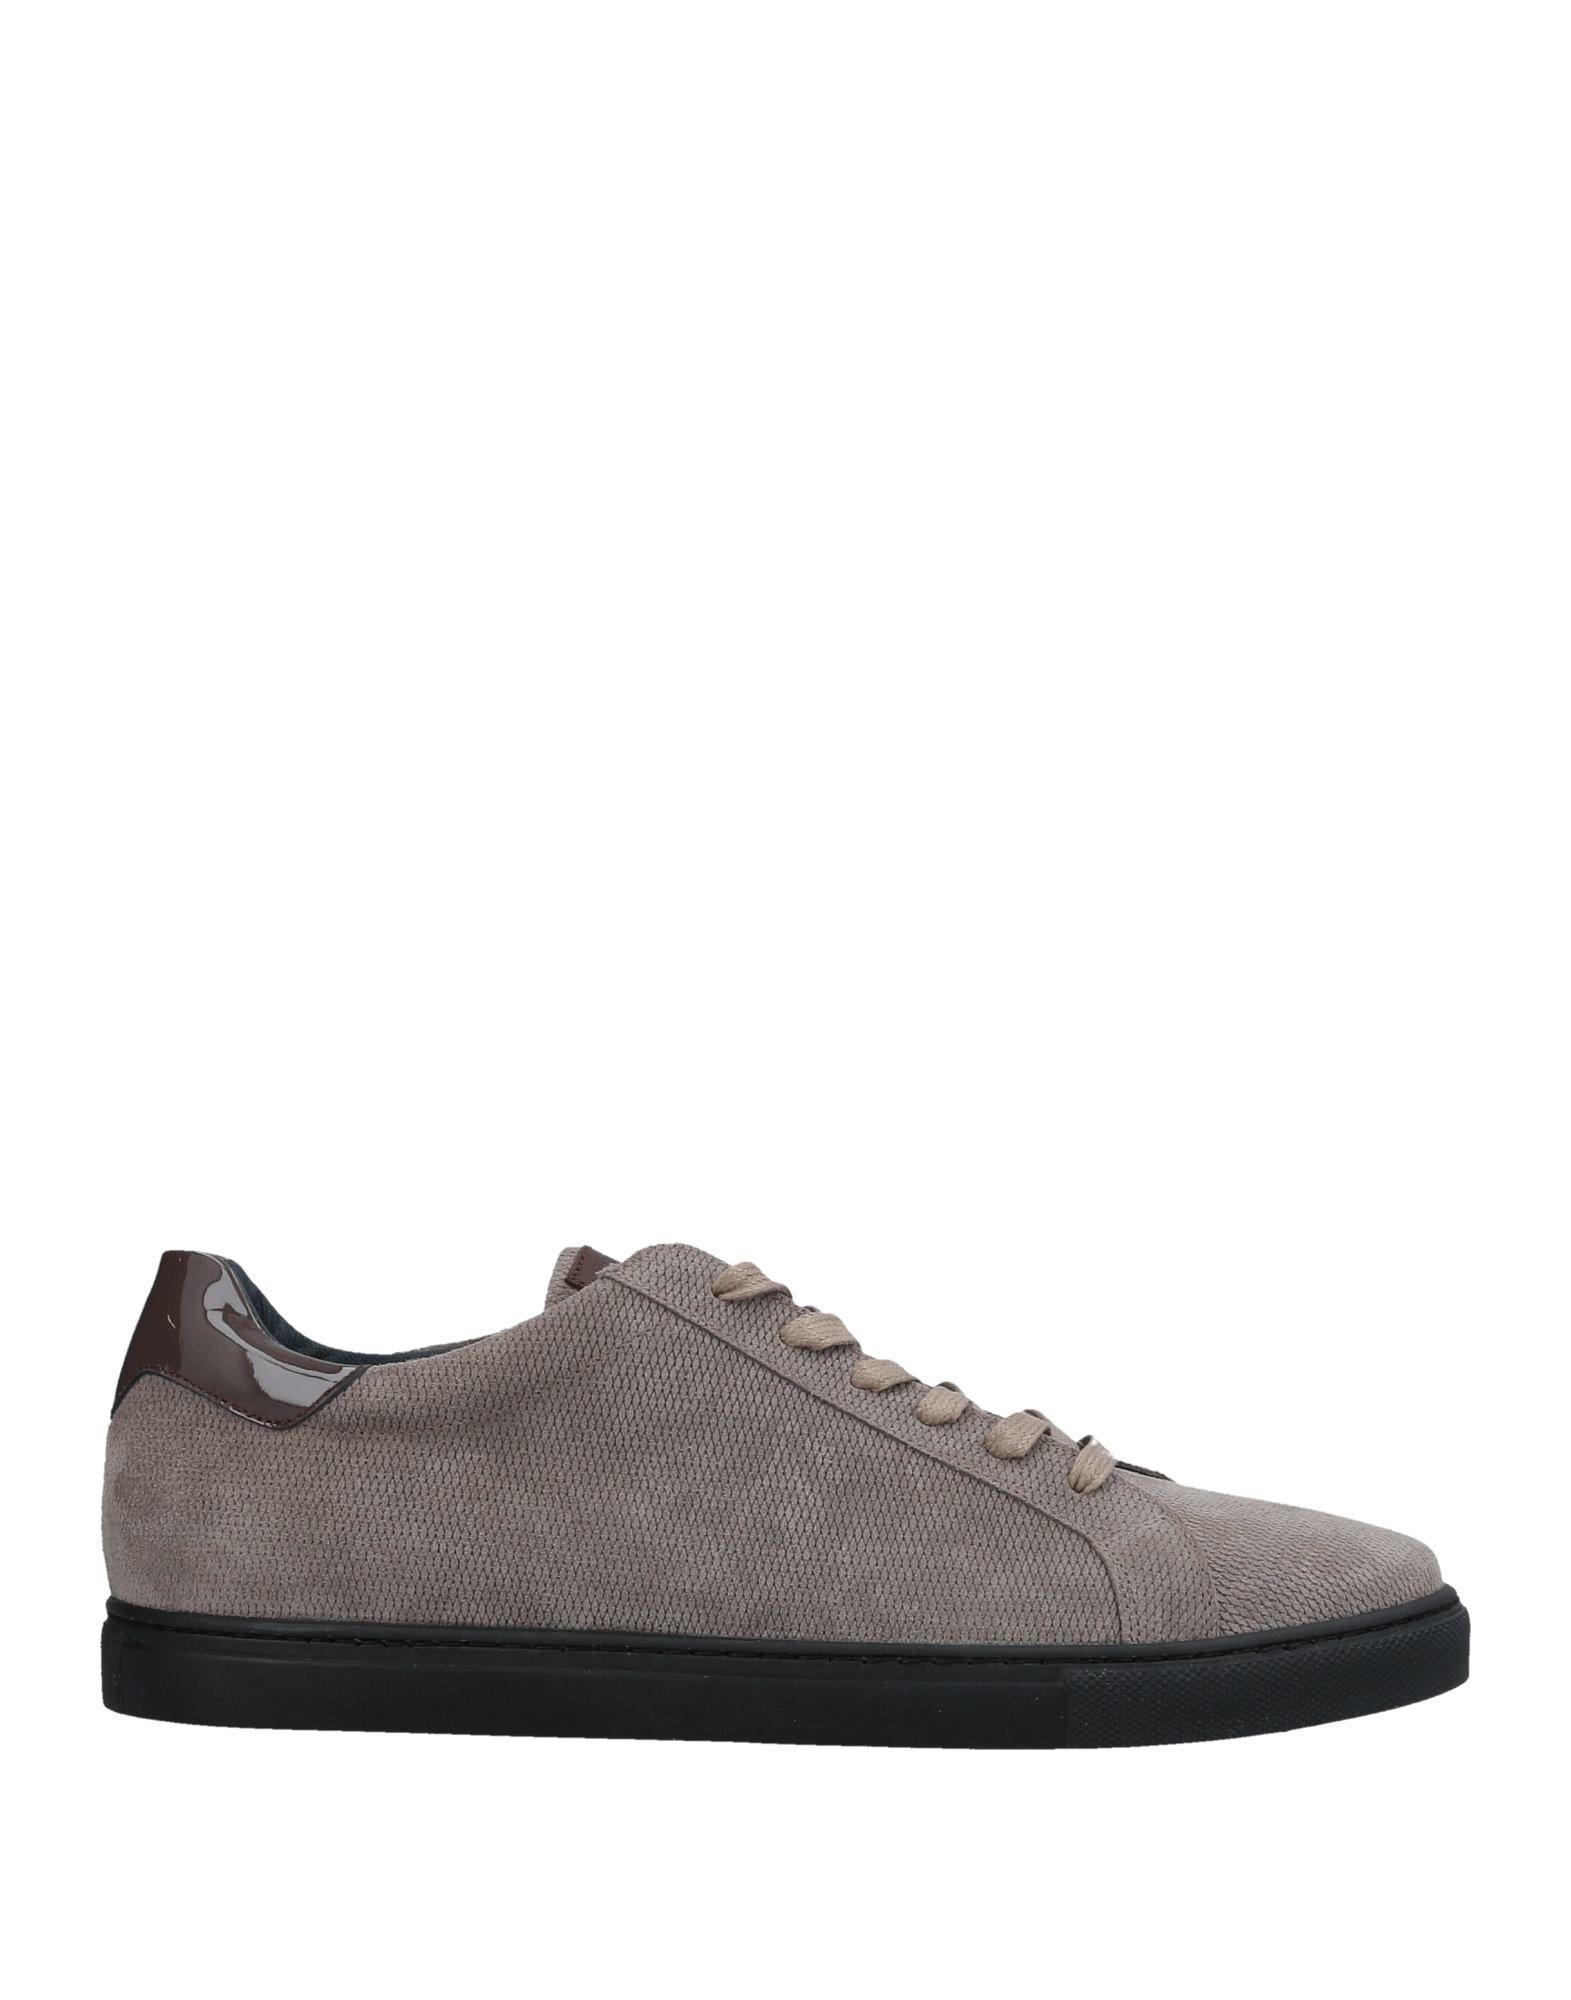 Rabatt echte Schuhe Fabiano Ricci Sneakers Herren  11508817AS